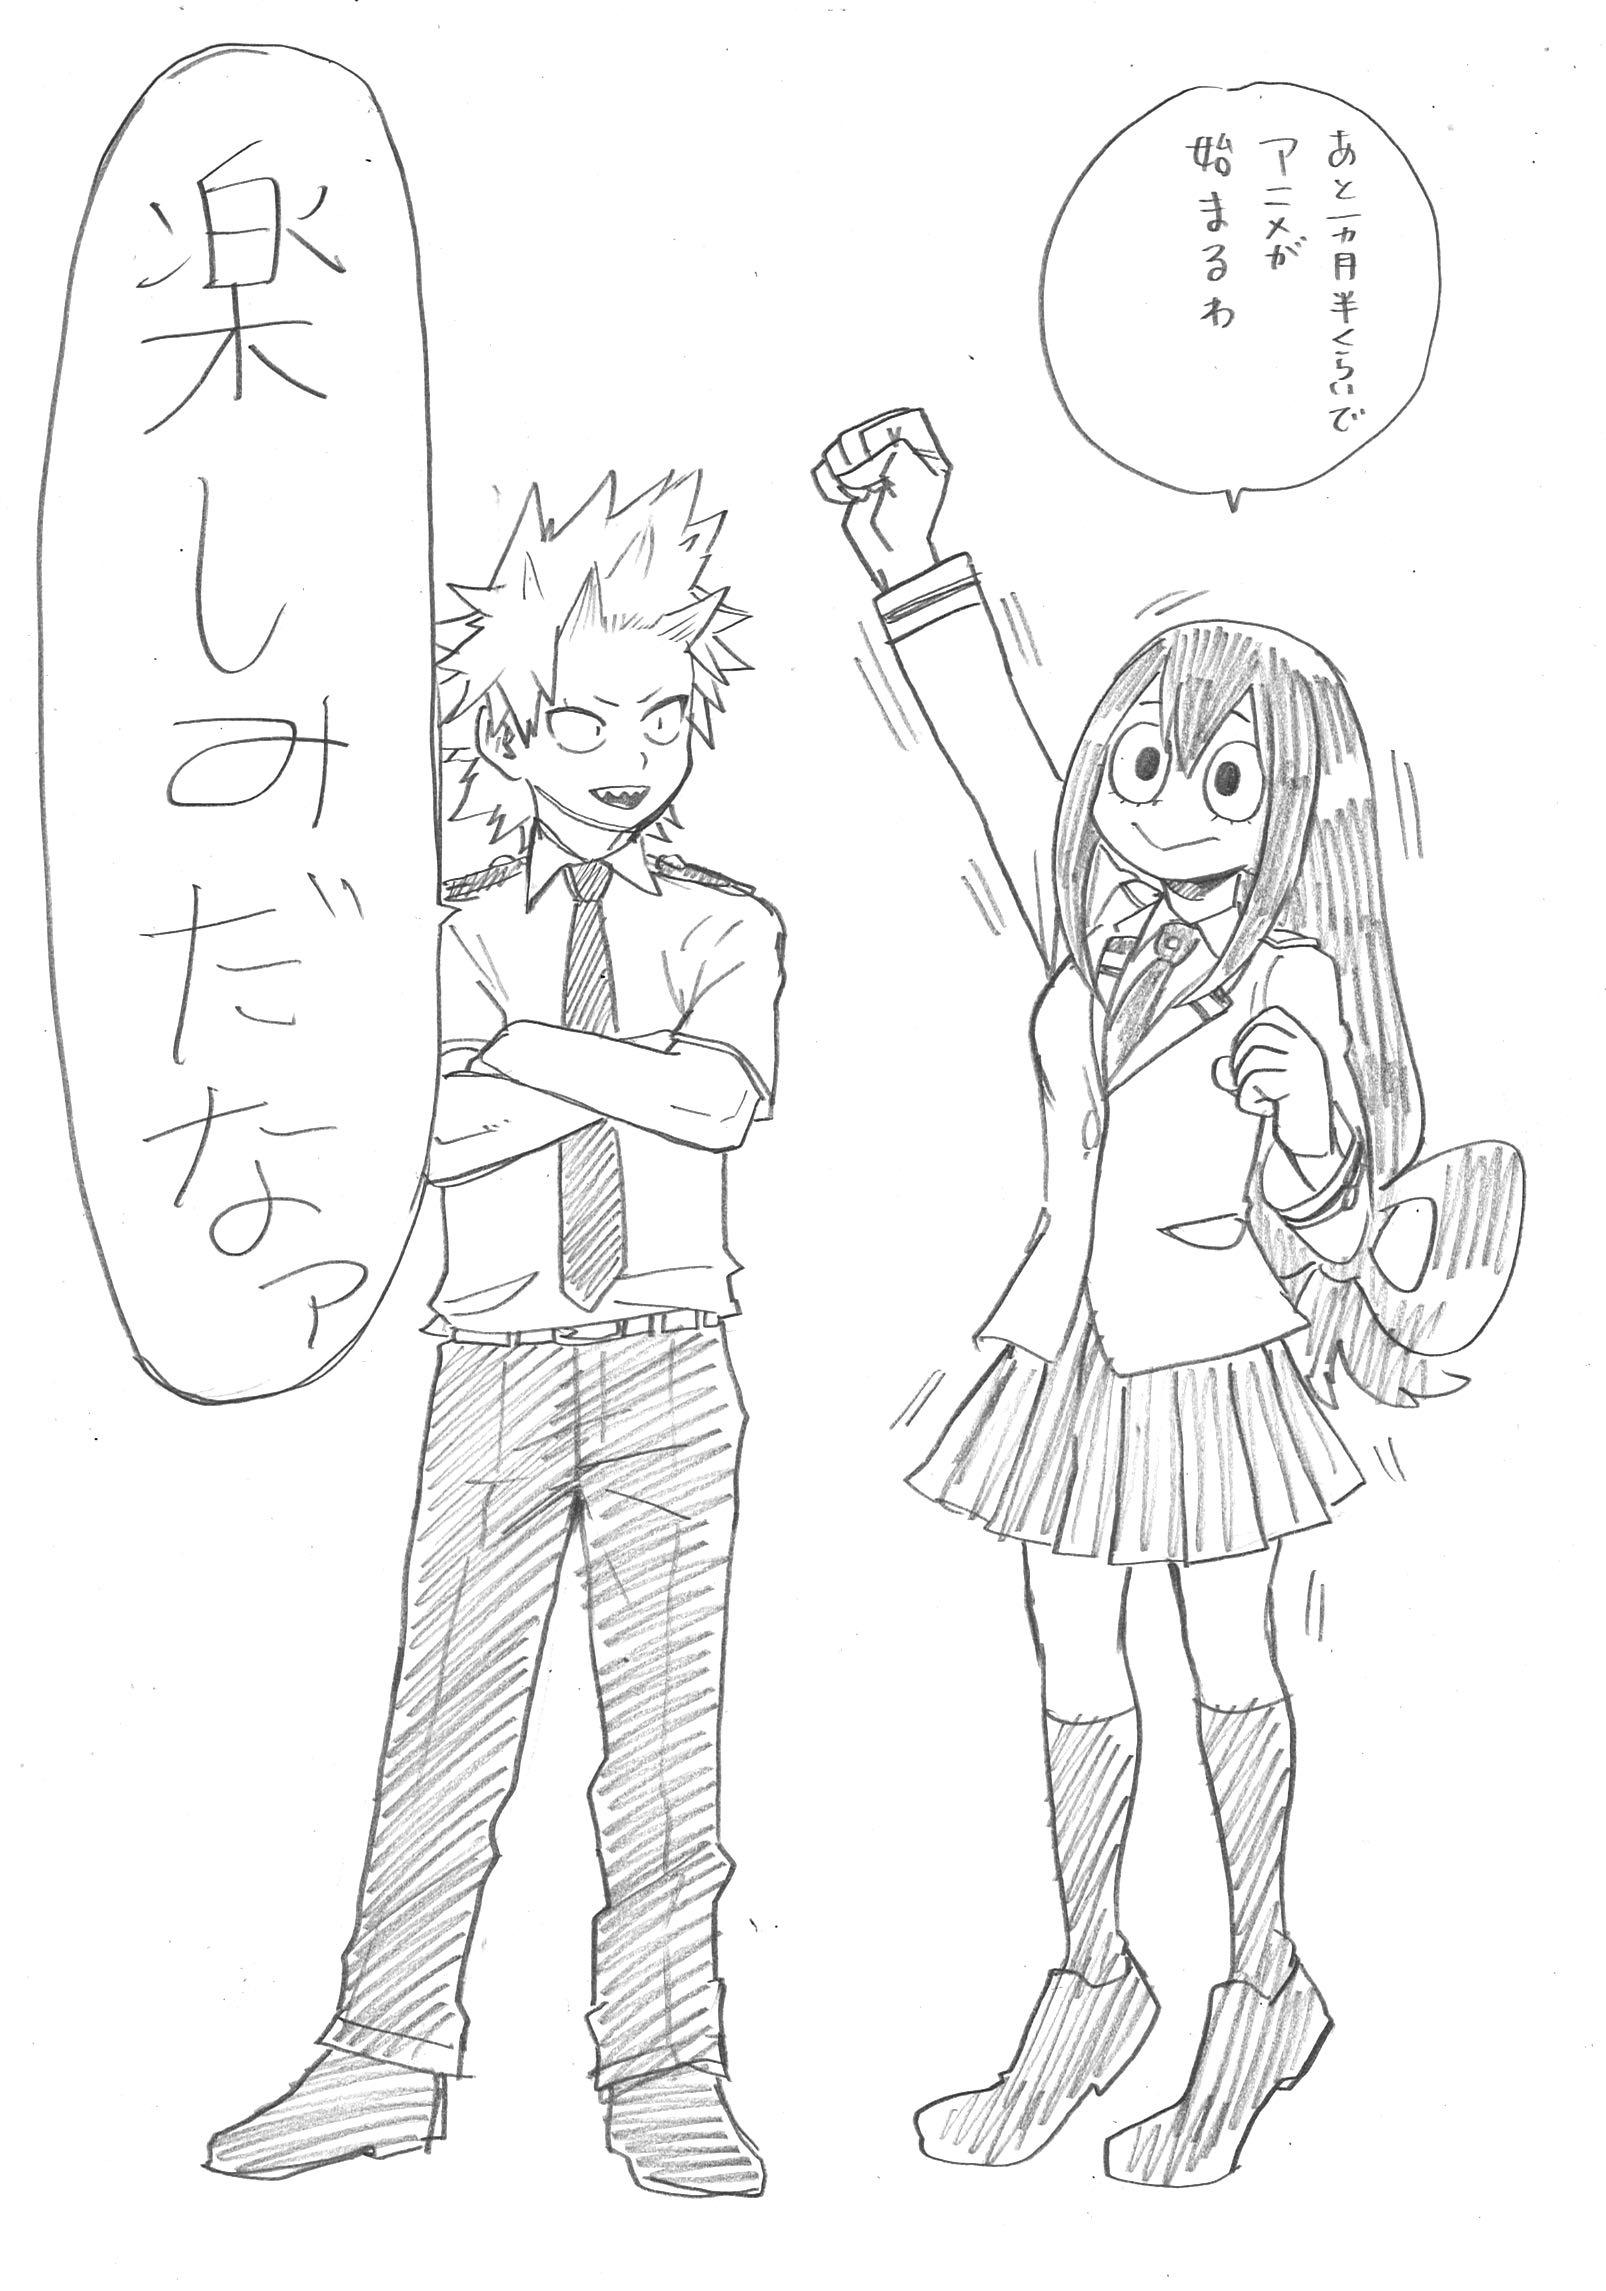 Tsuyu and Eijiro Sketch